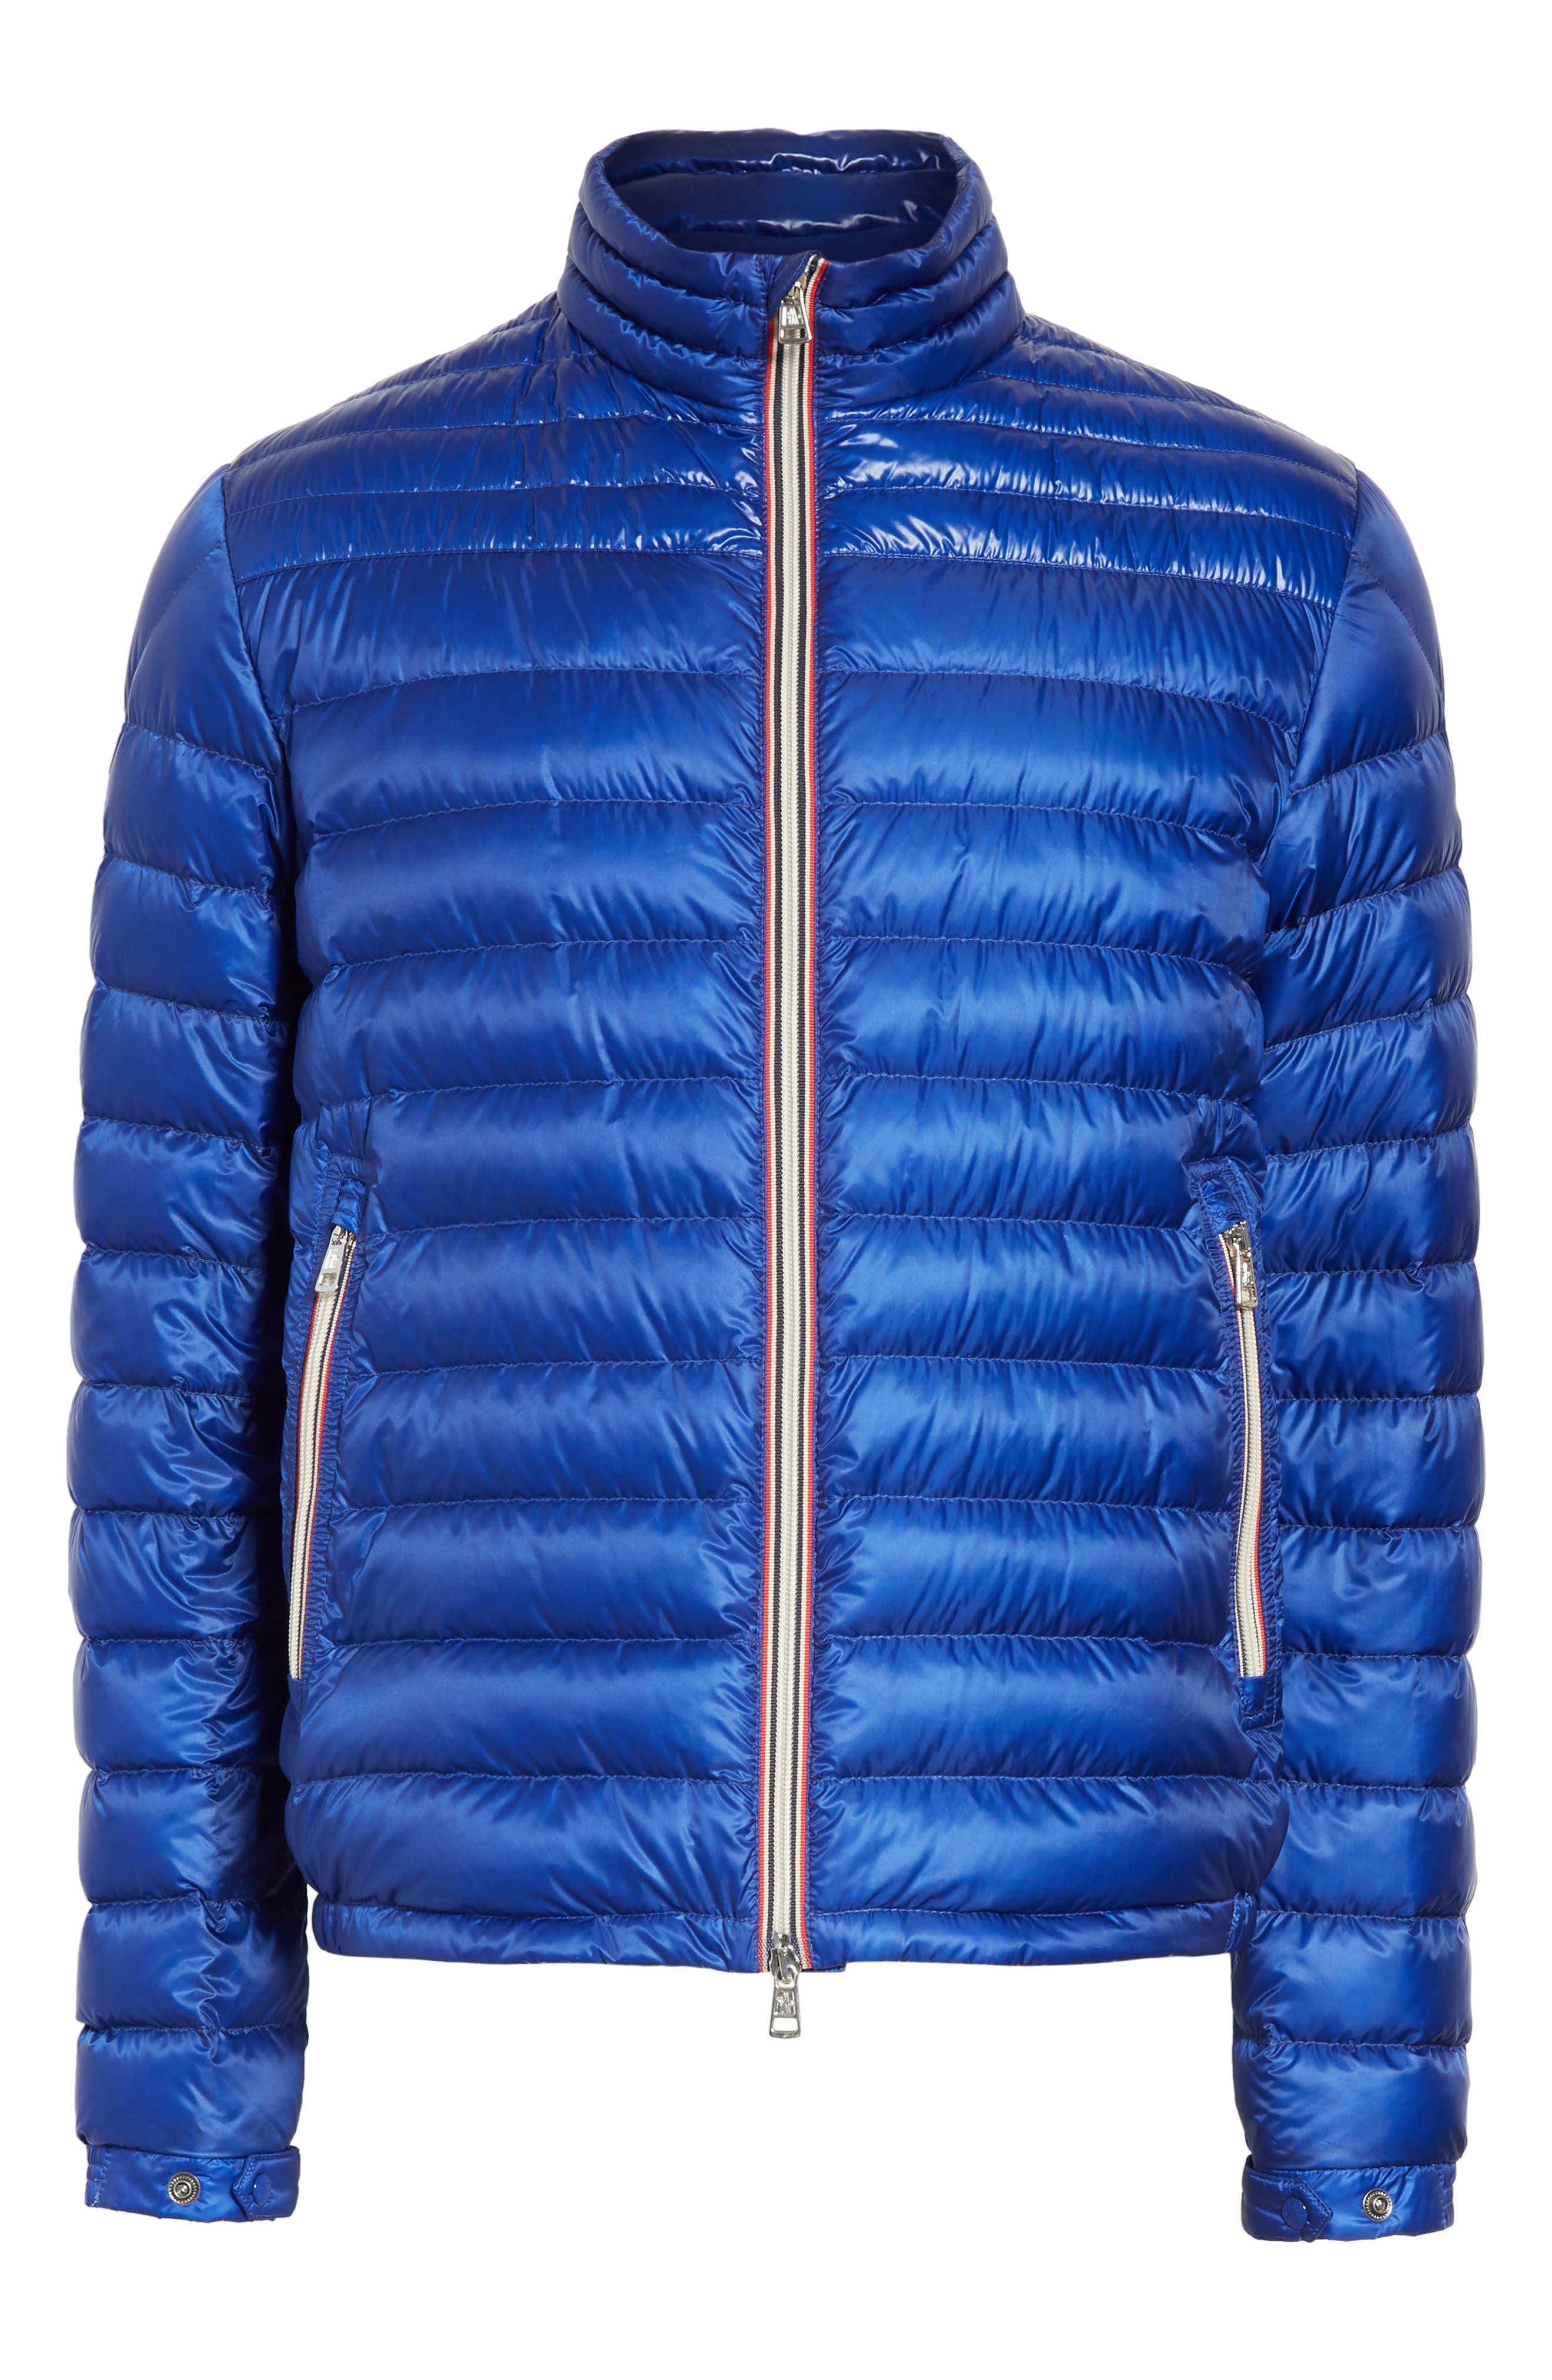 Daniel Packable Down Jacket,                             Alternate thumbnail 6, color,                             Bright Blue